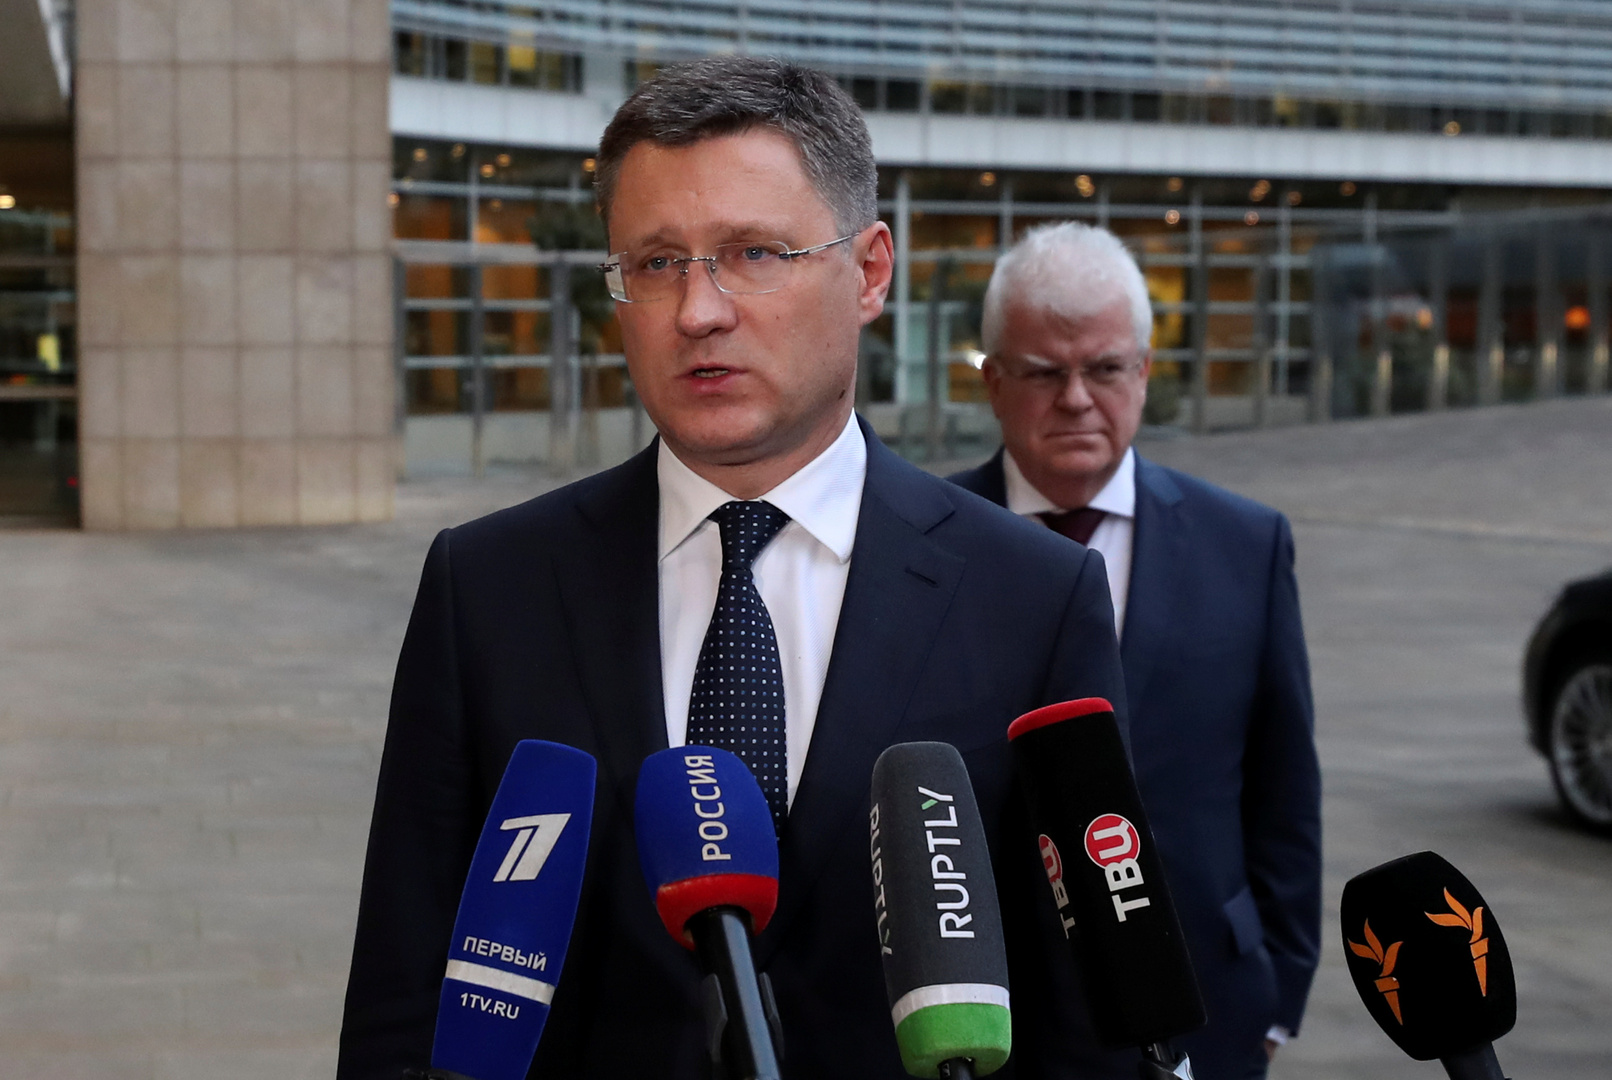 وزير الطاقة الروسي: تقليص تخفيضات الإنتاج إلى 7.7 مليونبرميل يوميا يتماشى مع اتجاهاتالسوق